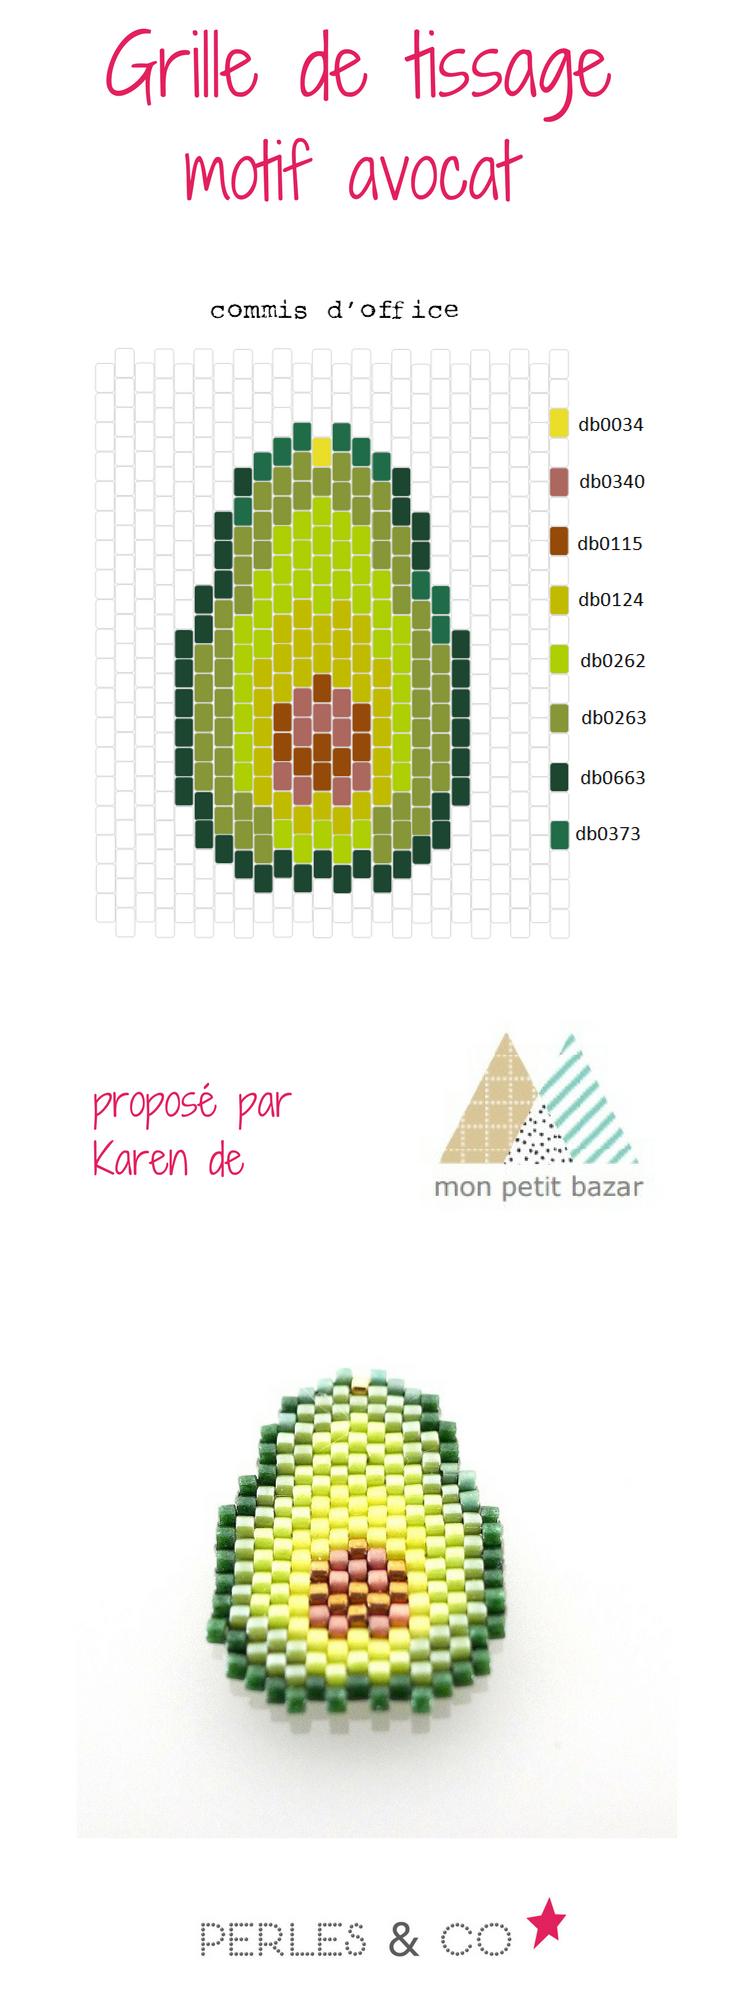 Une salade d 39 avocats a vous dit gr ce karen du blog mon petit bazar voici un diagramme - Avocat commis d office prix ...